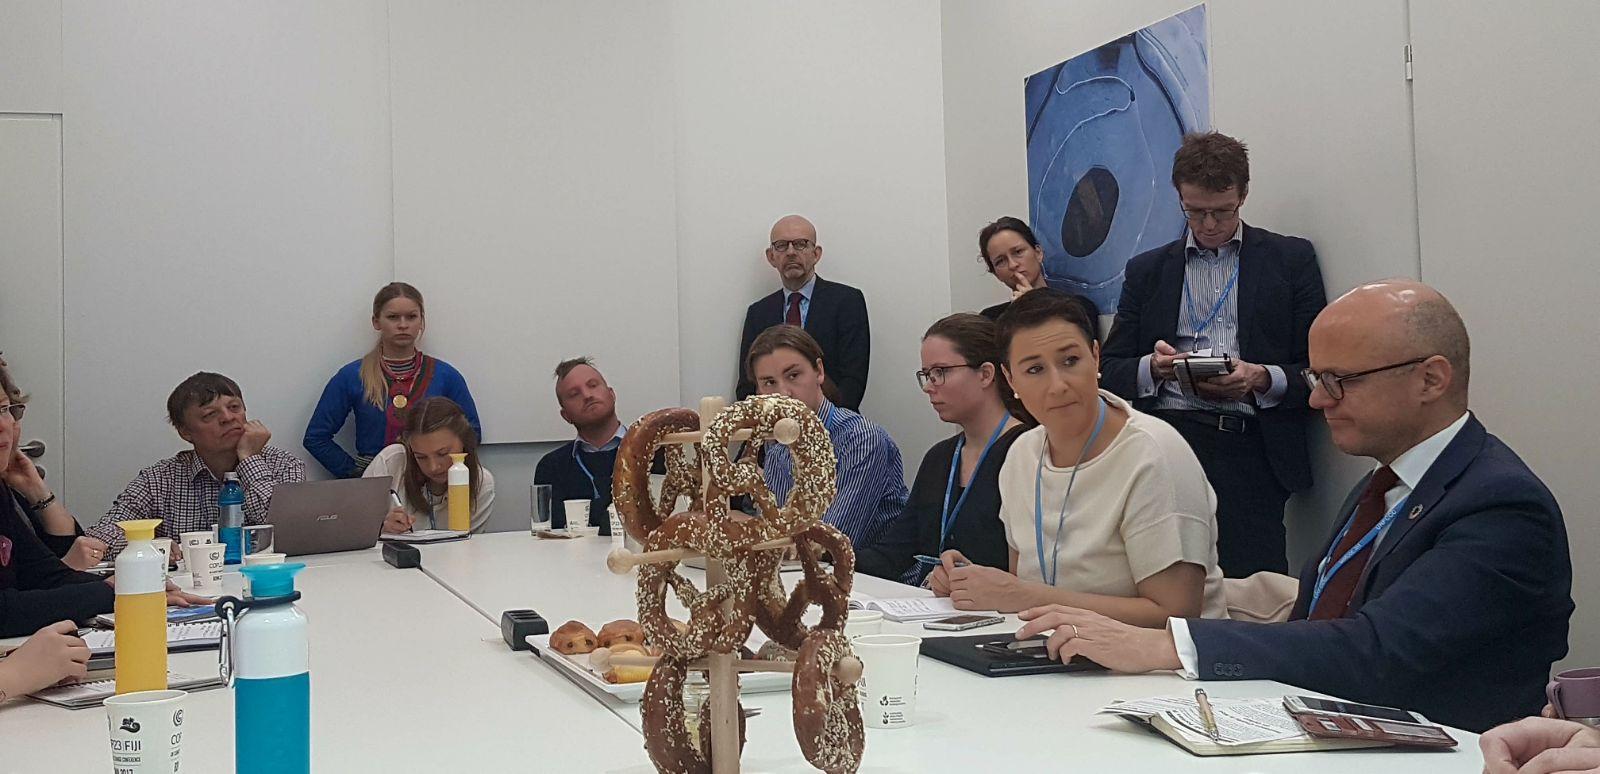 Klima- og miljøminister Vidar Helgesen møter norske organisasjoner